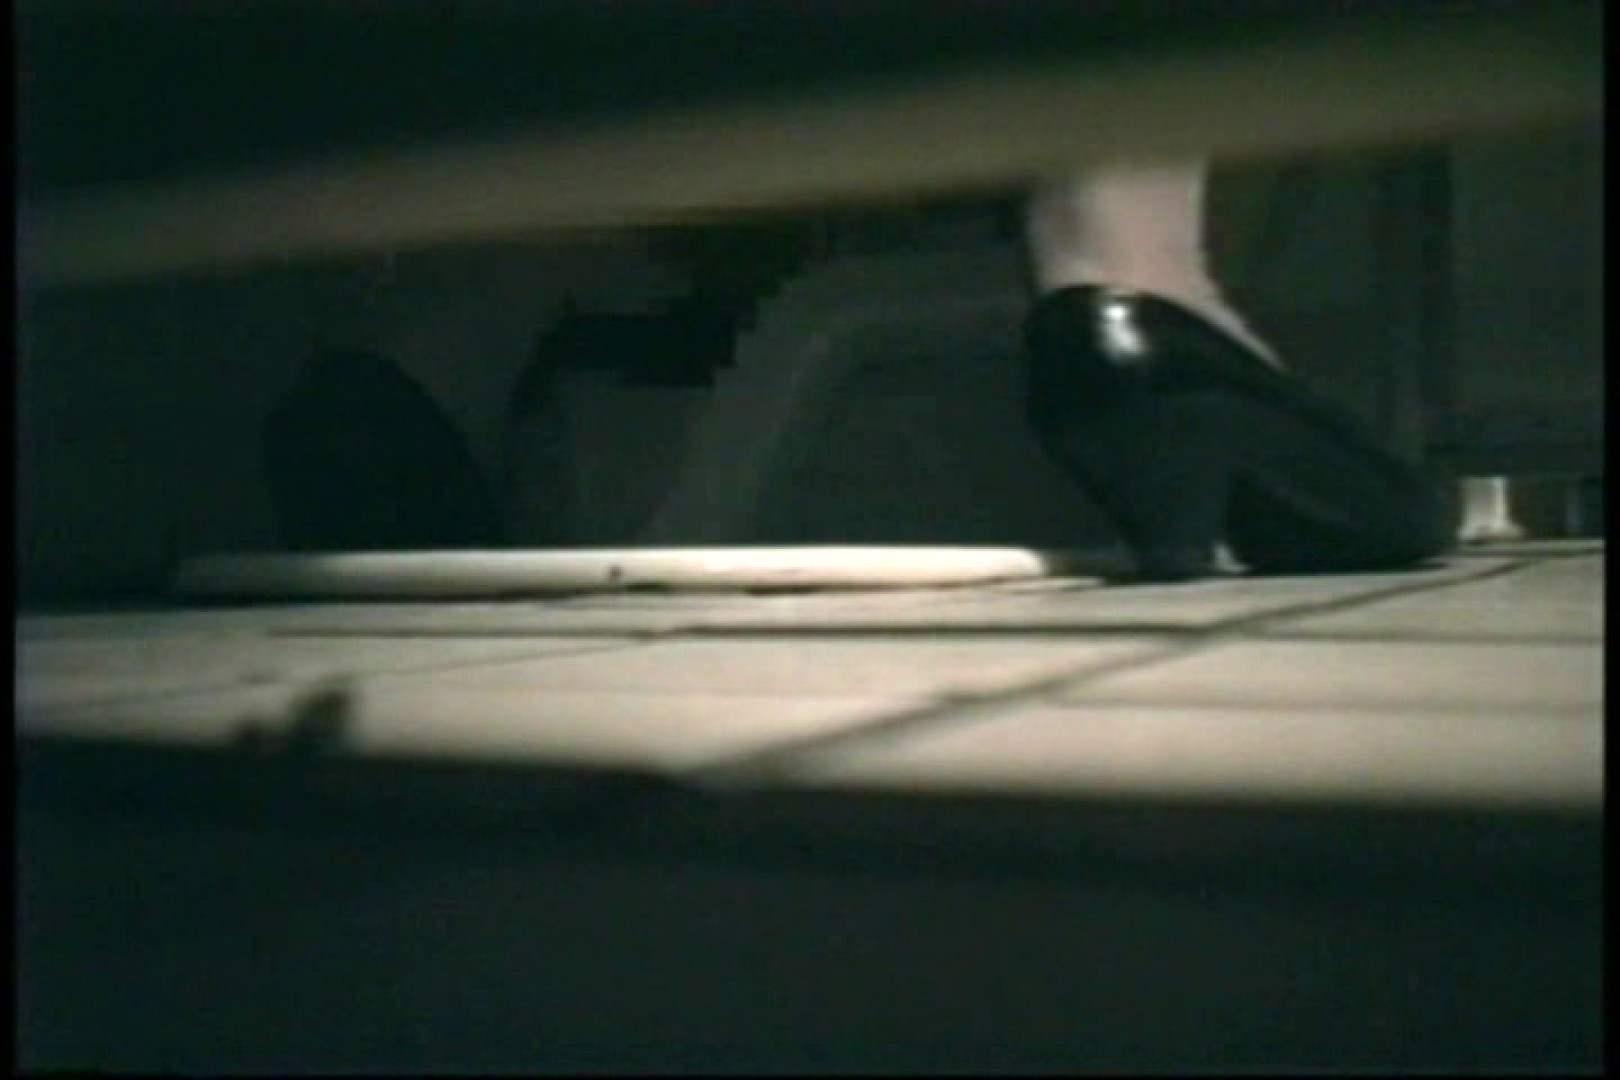 様式 和式 ところかまわず、厠覗き! 盗撮シリーズ 盗み撮り動画 83PIX 82